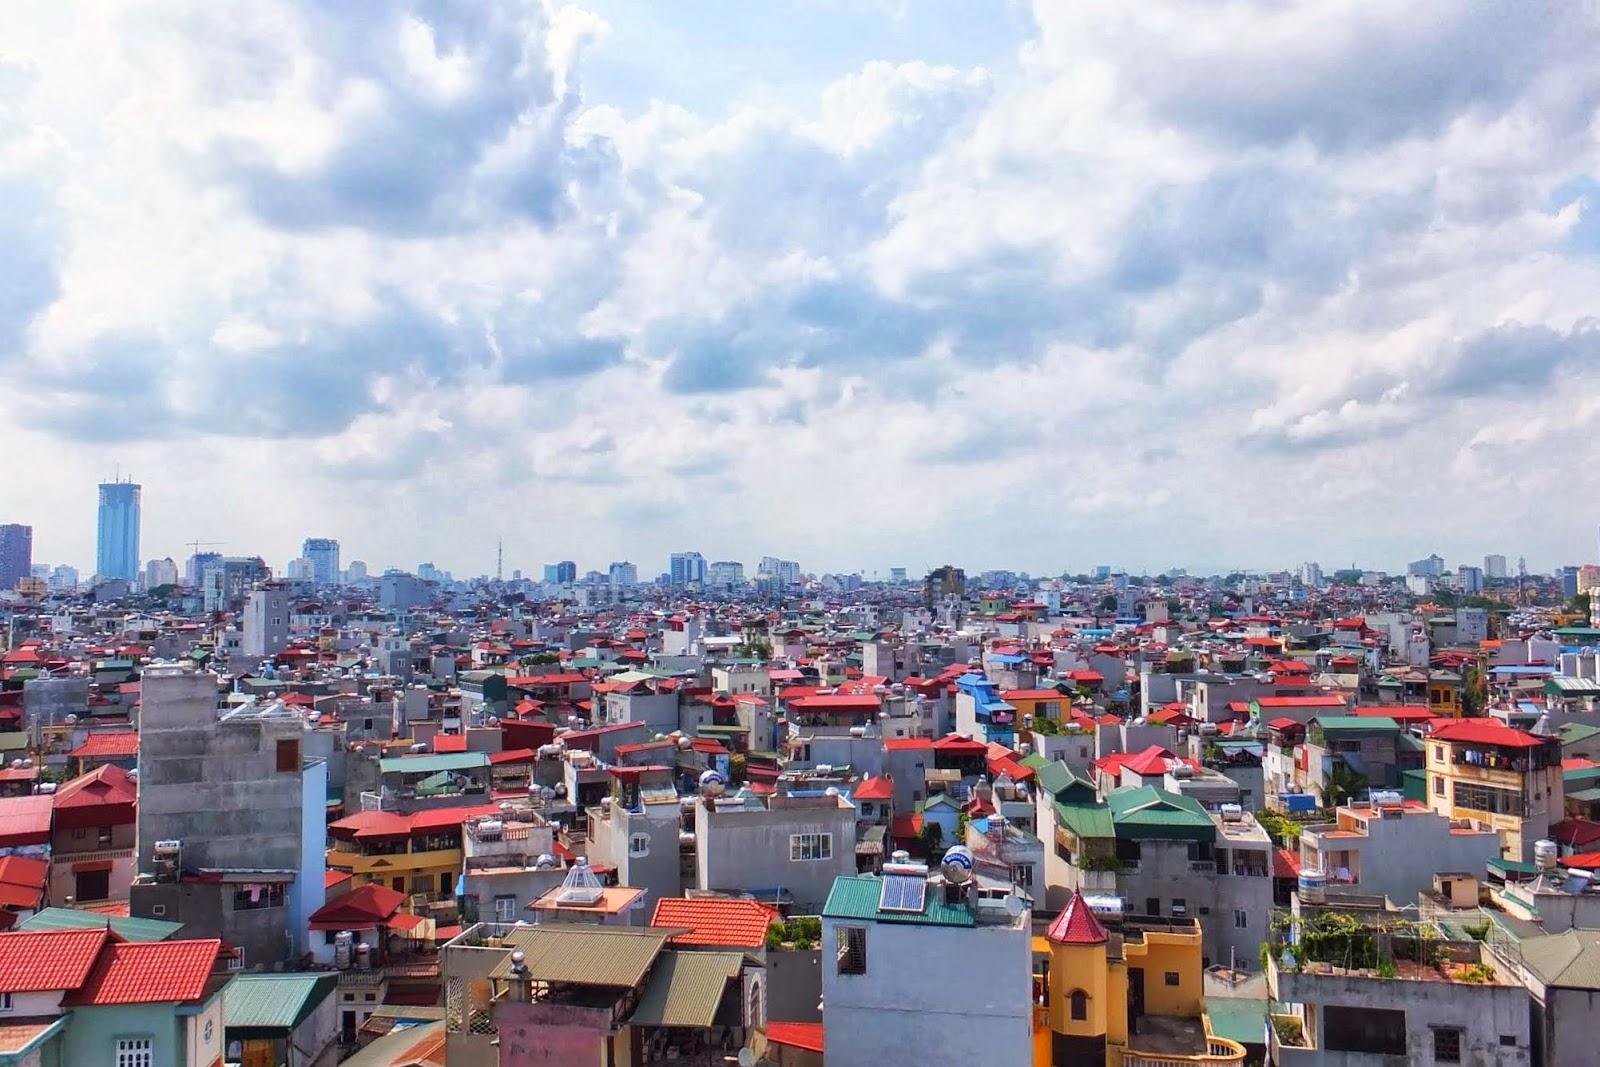 hanoi-city-view ハノイの住宅街